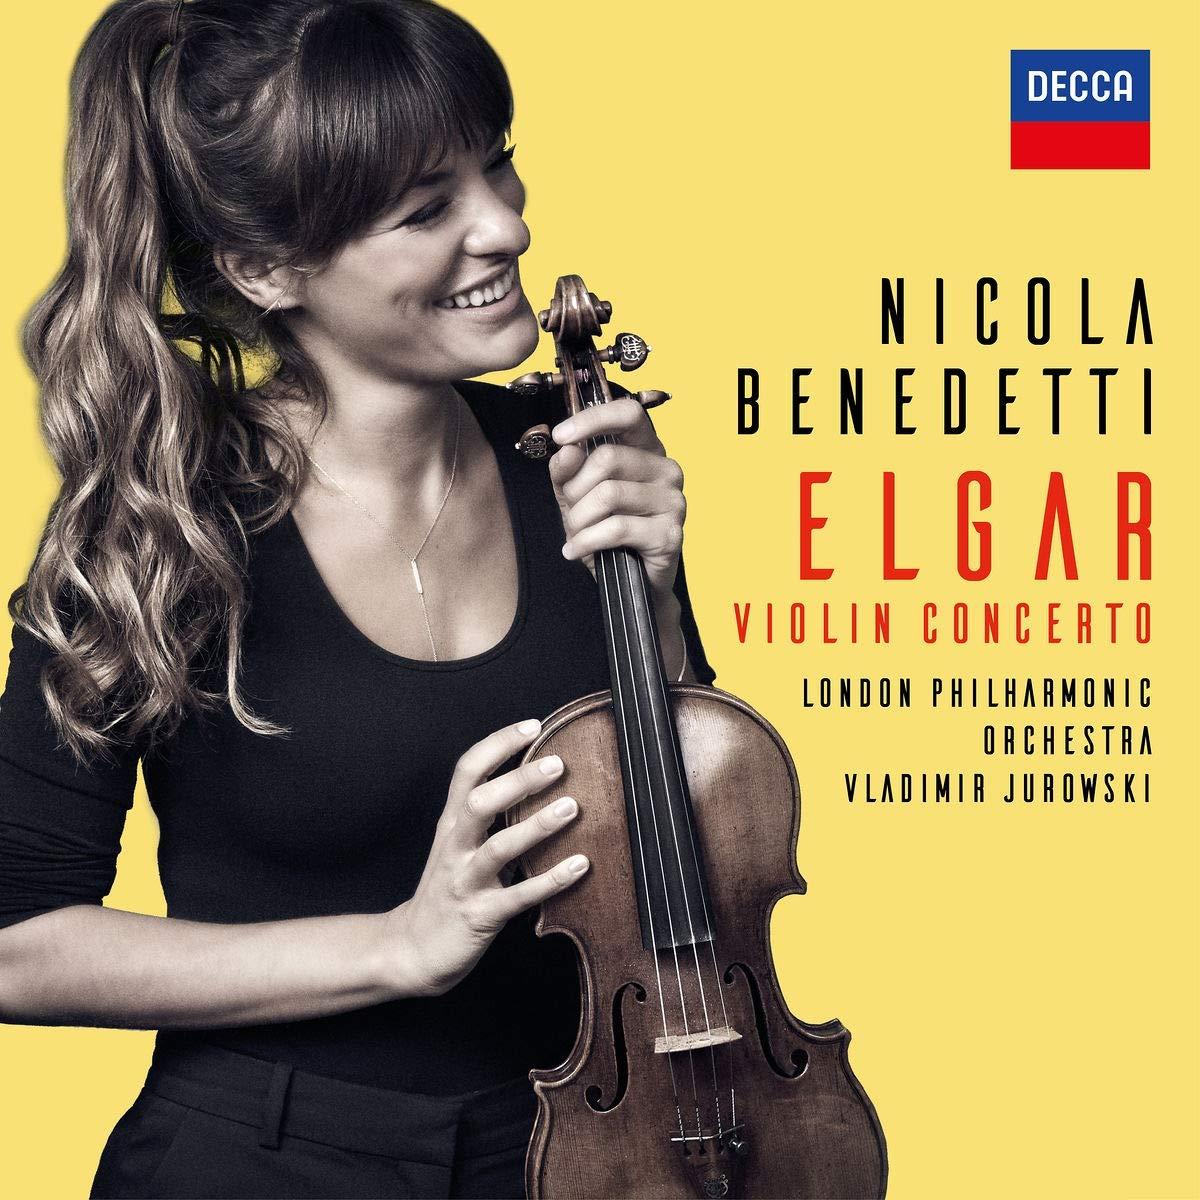 Portada del CD de Nicola Benedetti.